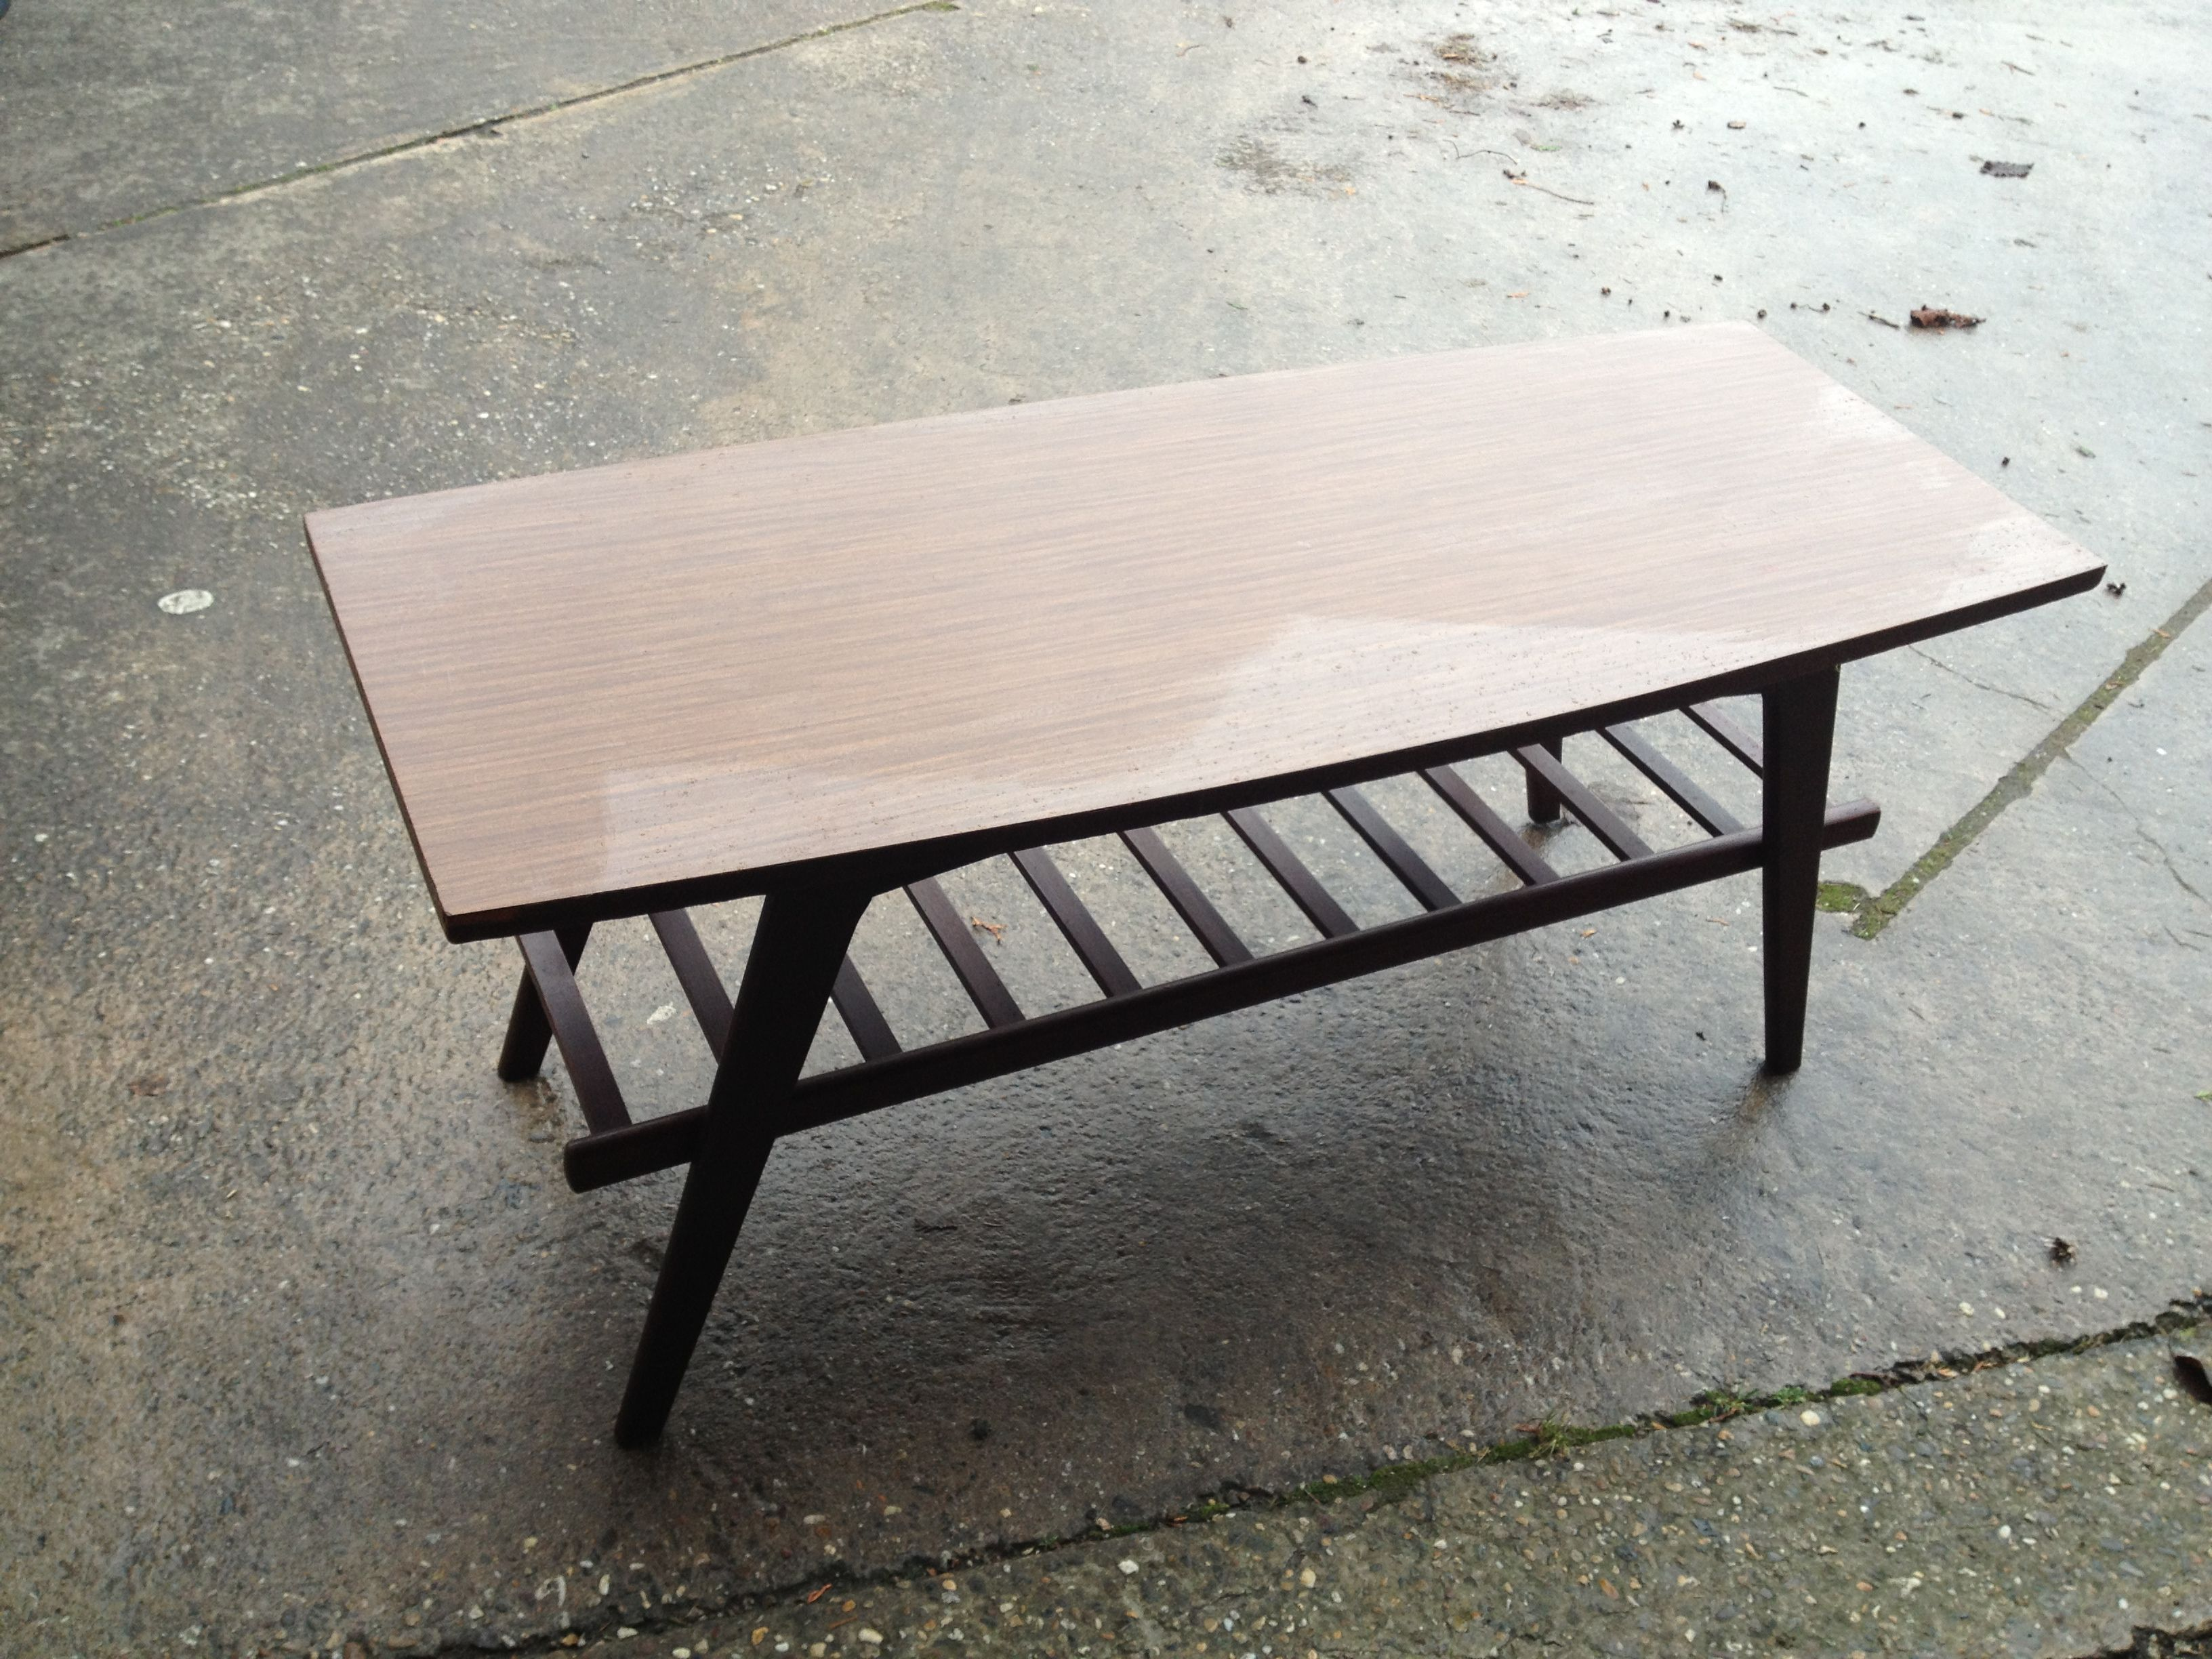 Deense stijl salontafel  side table uit de jaren 50 of